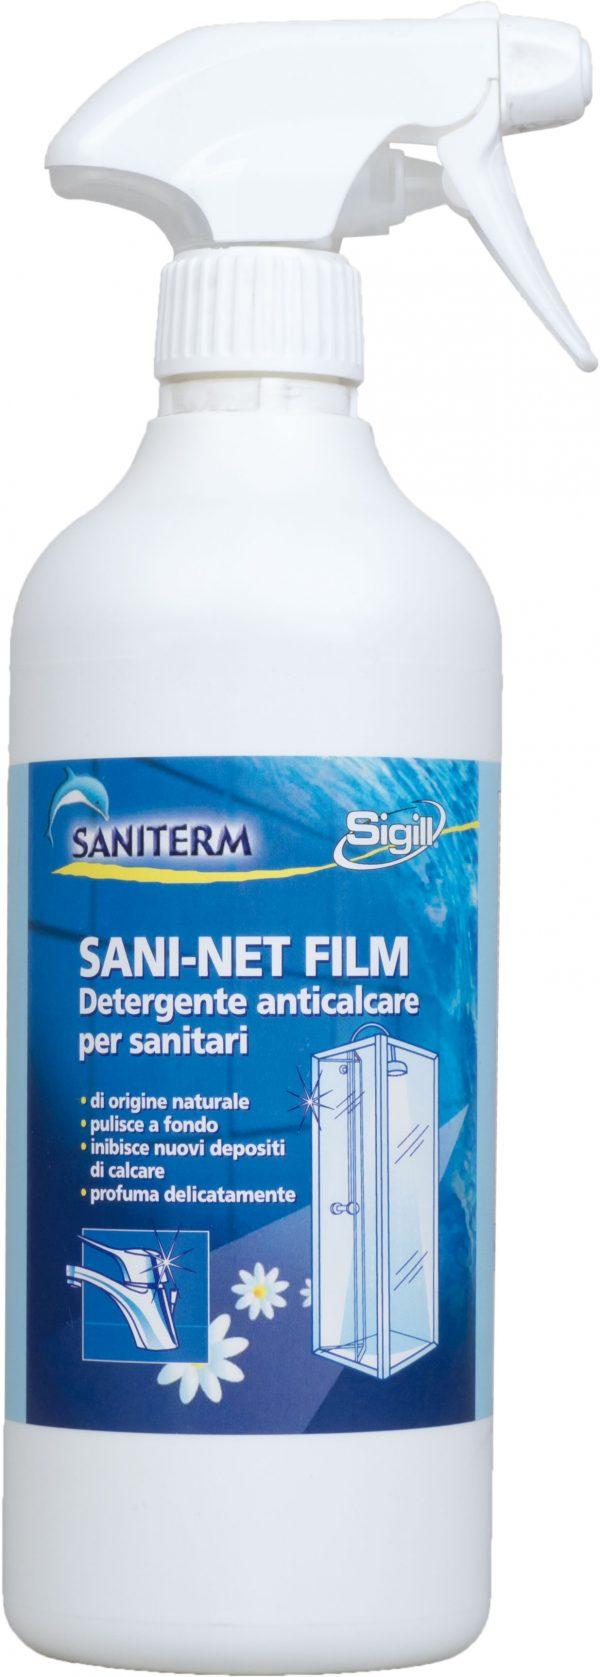 detergente anticalcare sigill